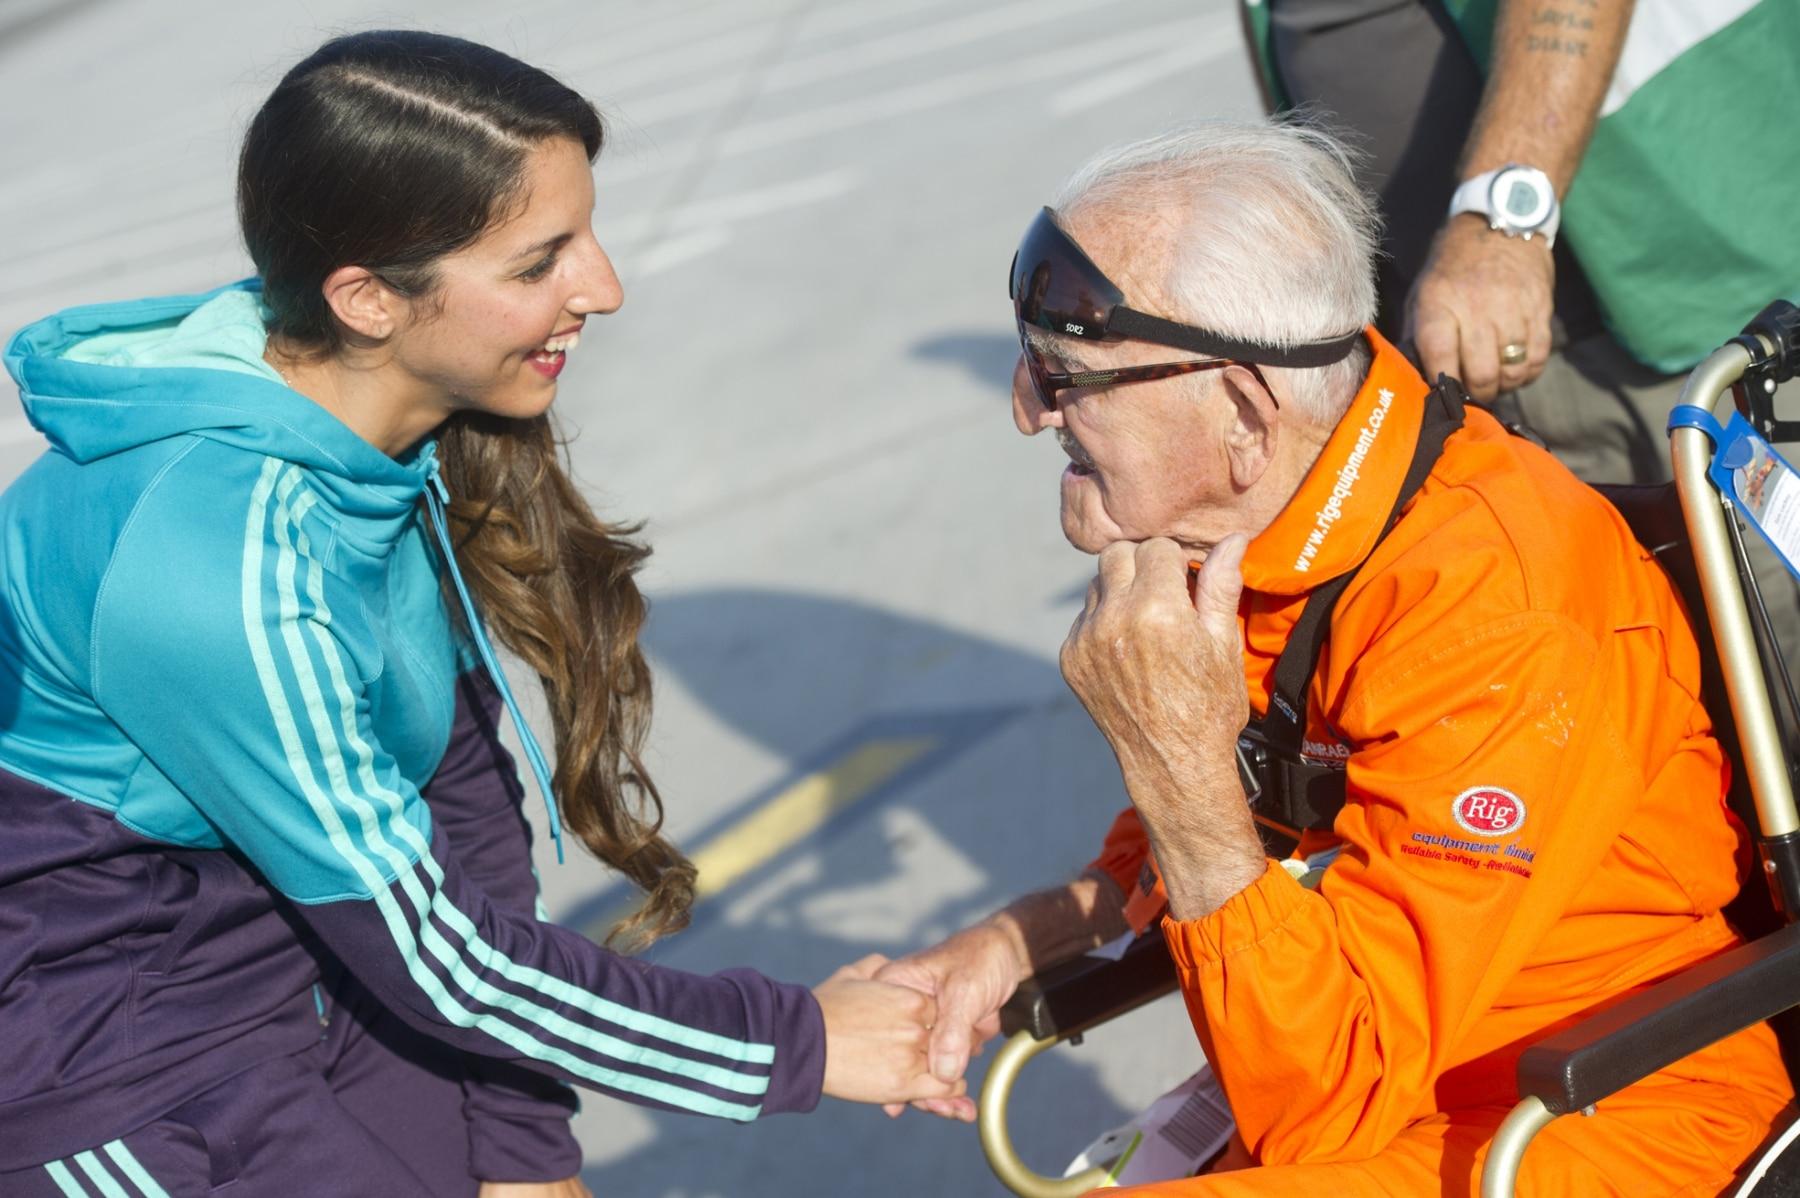 tom-lackey-acrobata-aereo-de-94-anos-en-gibraltar-10102014-23_15515852032_o